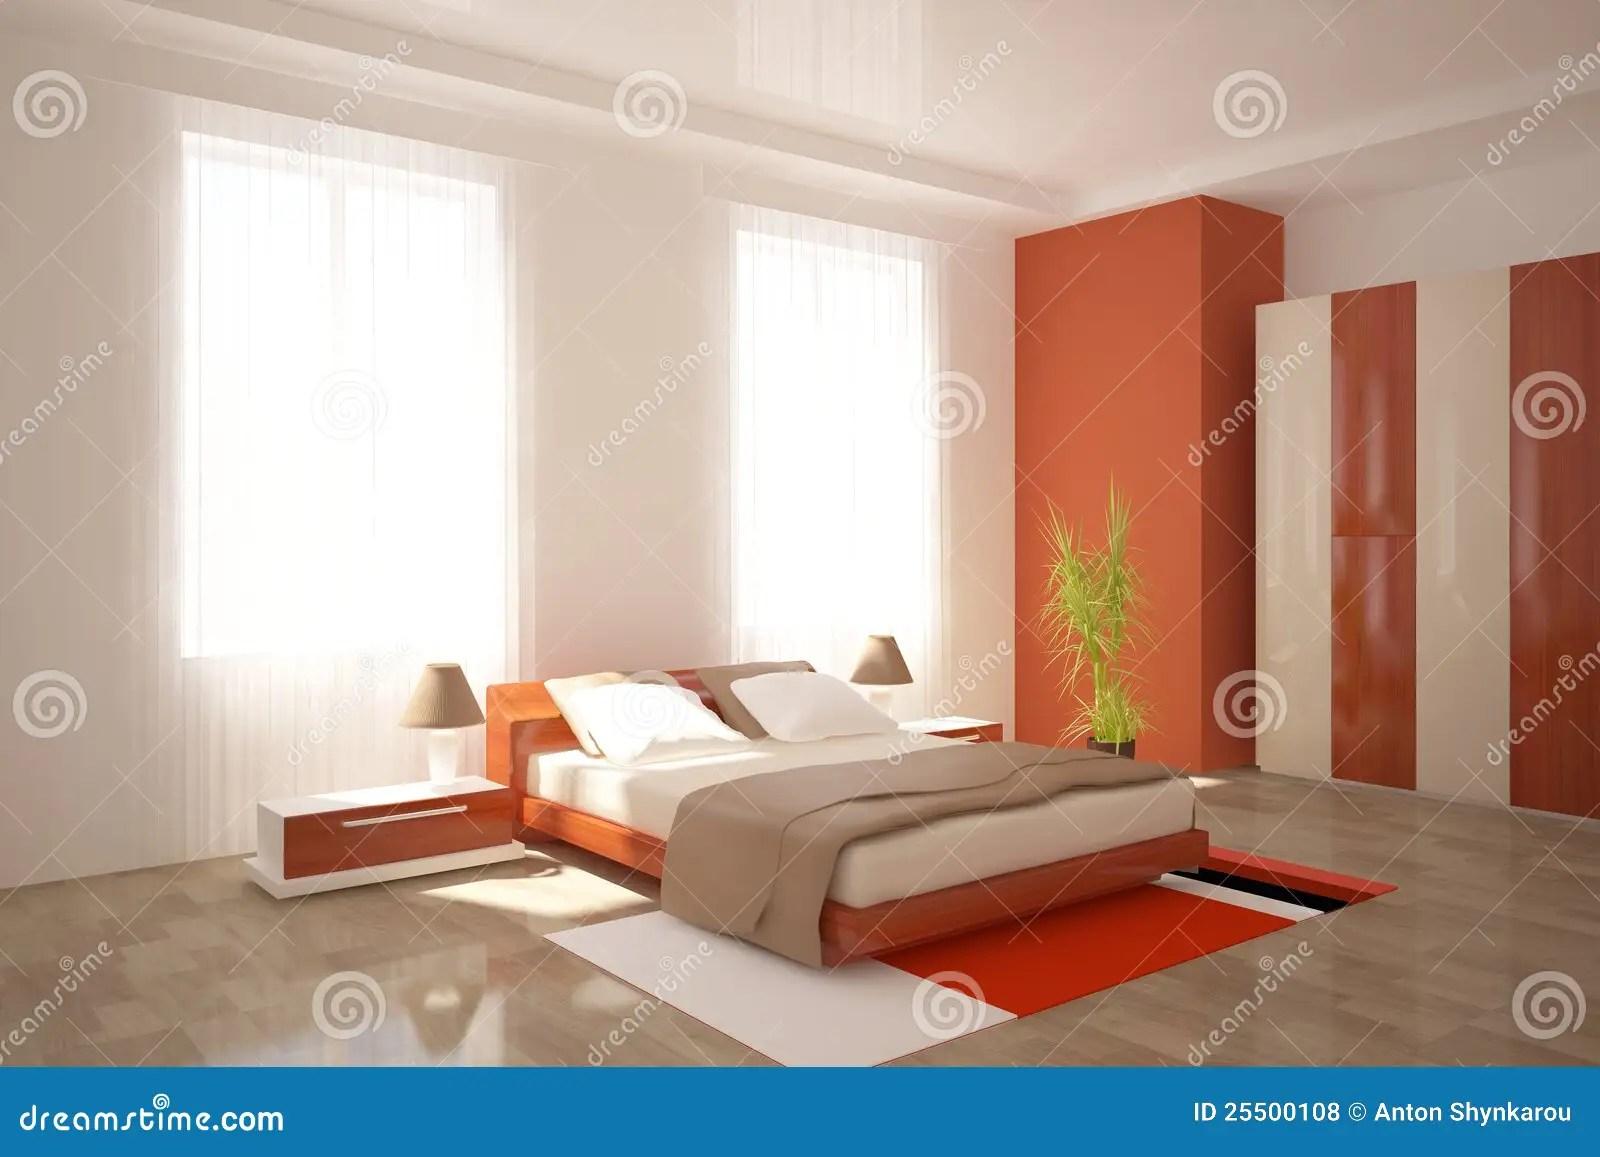 Moderne Schlafzimmermbel Lizenzfreie Stockfotos  Bild 25500108